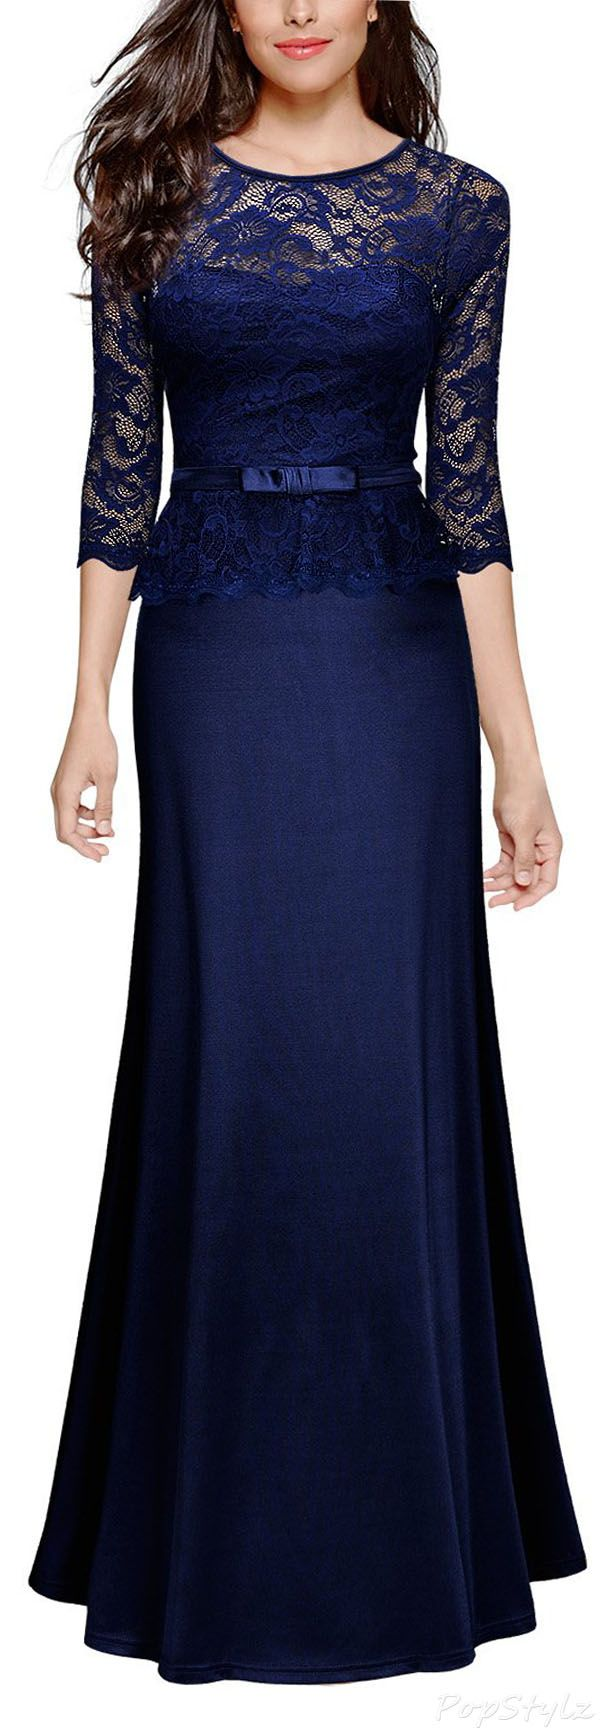 Vintage Floral Lace Peplum Dress